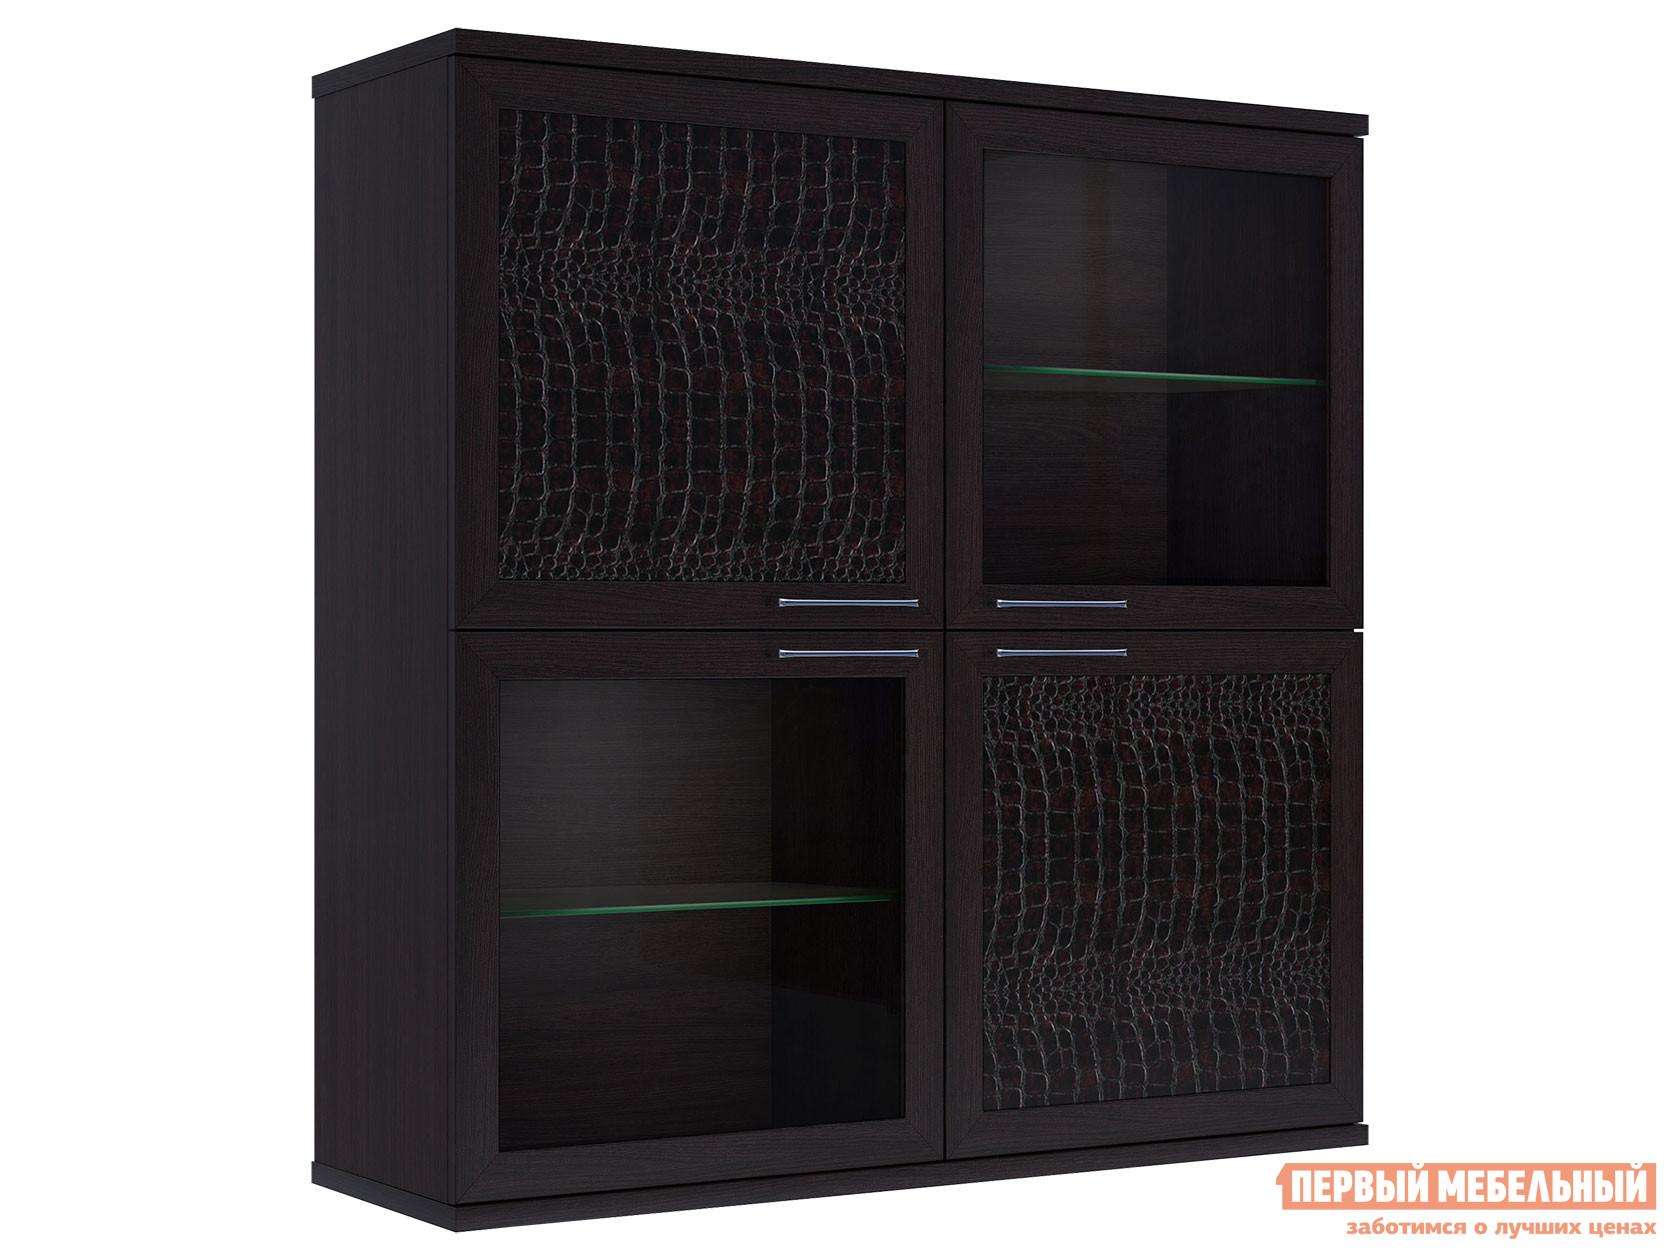 Фото - Шкаф-витрина Первый Мебельный Полка 4-х дверная (2 стеклодвери) Парма Люкс витрина шкаф витрина 4 х дверная куба куба